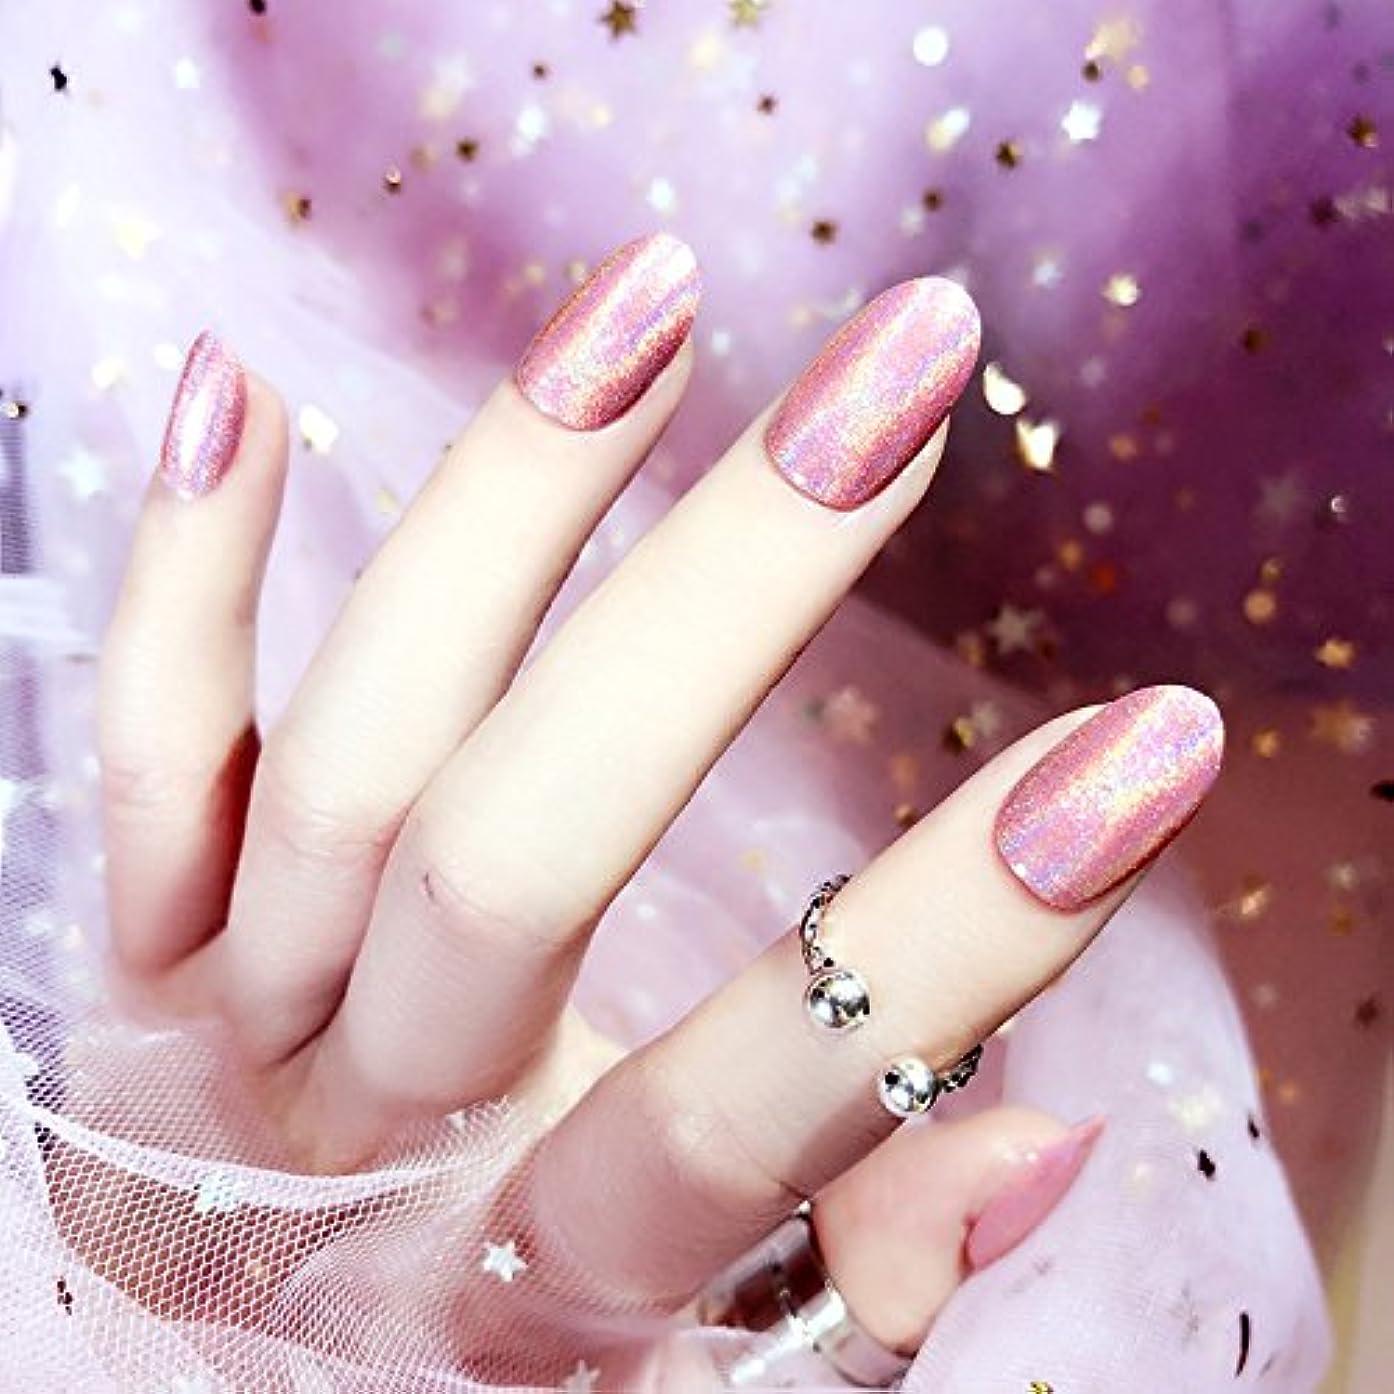 錆び石の慈悲深い質感 彩がつく 24枚純色付け爪 ネイル貼るだけネイルチップ レーザー 多重光沢 お花嫁付け爪 ジェルネイルの光疗法 シンフォニー (アメジスト)